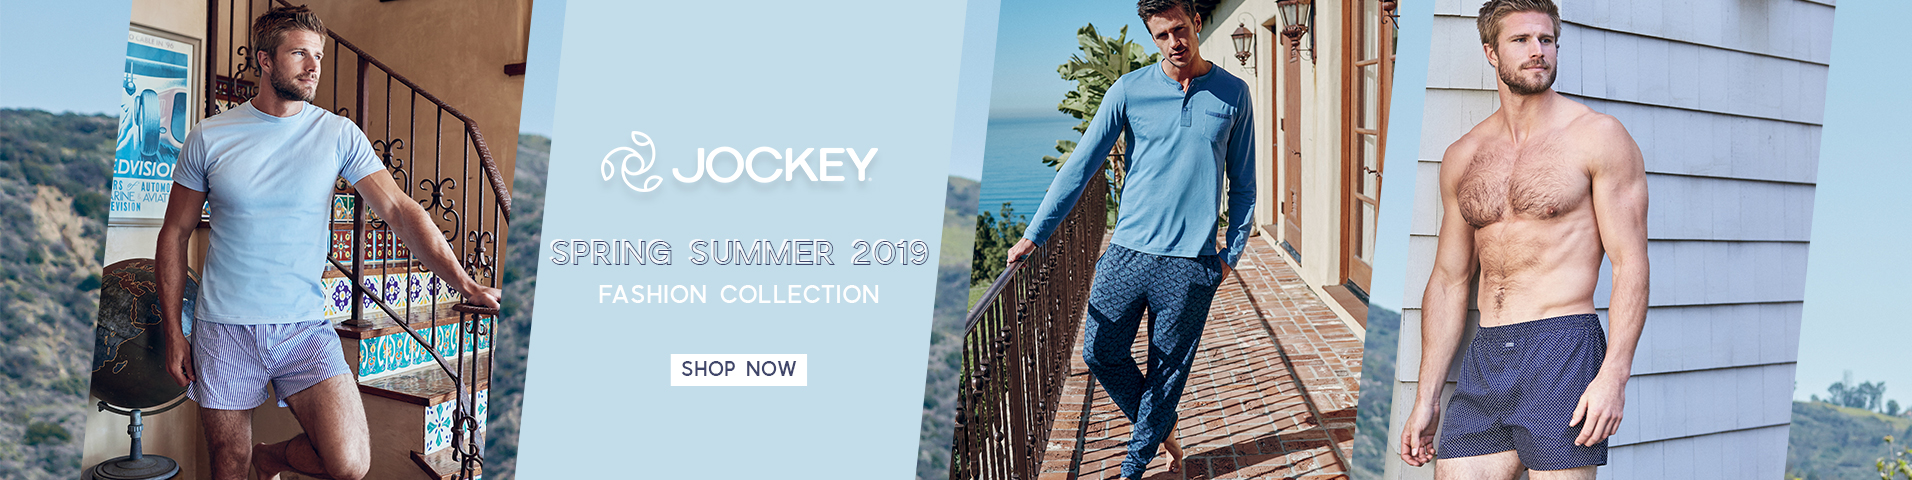 3a33bbf58a0 Jockey Ondergoed voor heren online shop • ZALANDO • Ruim aanbod